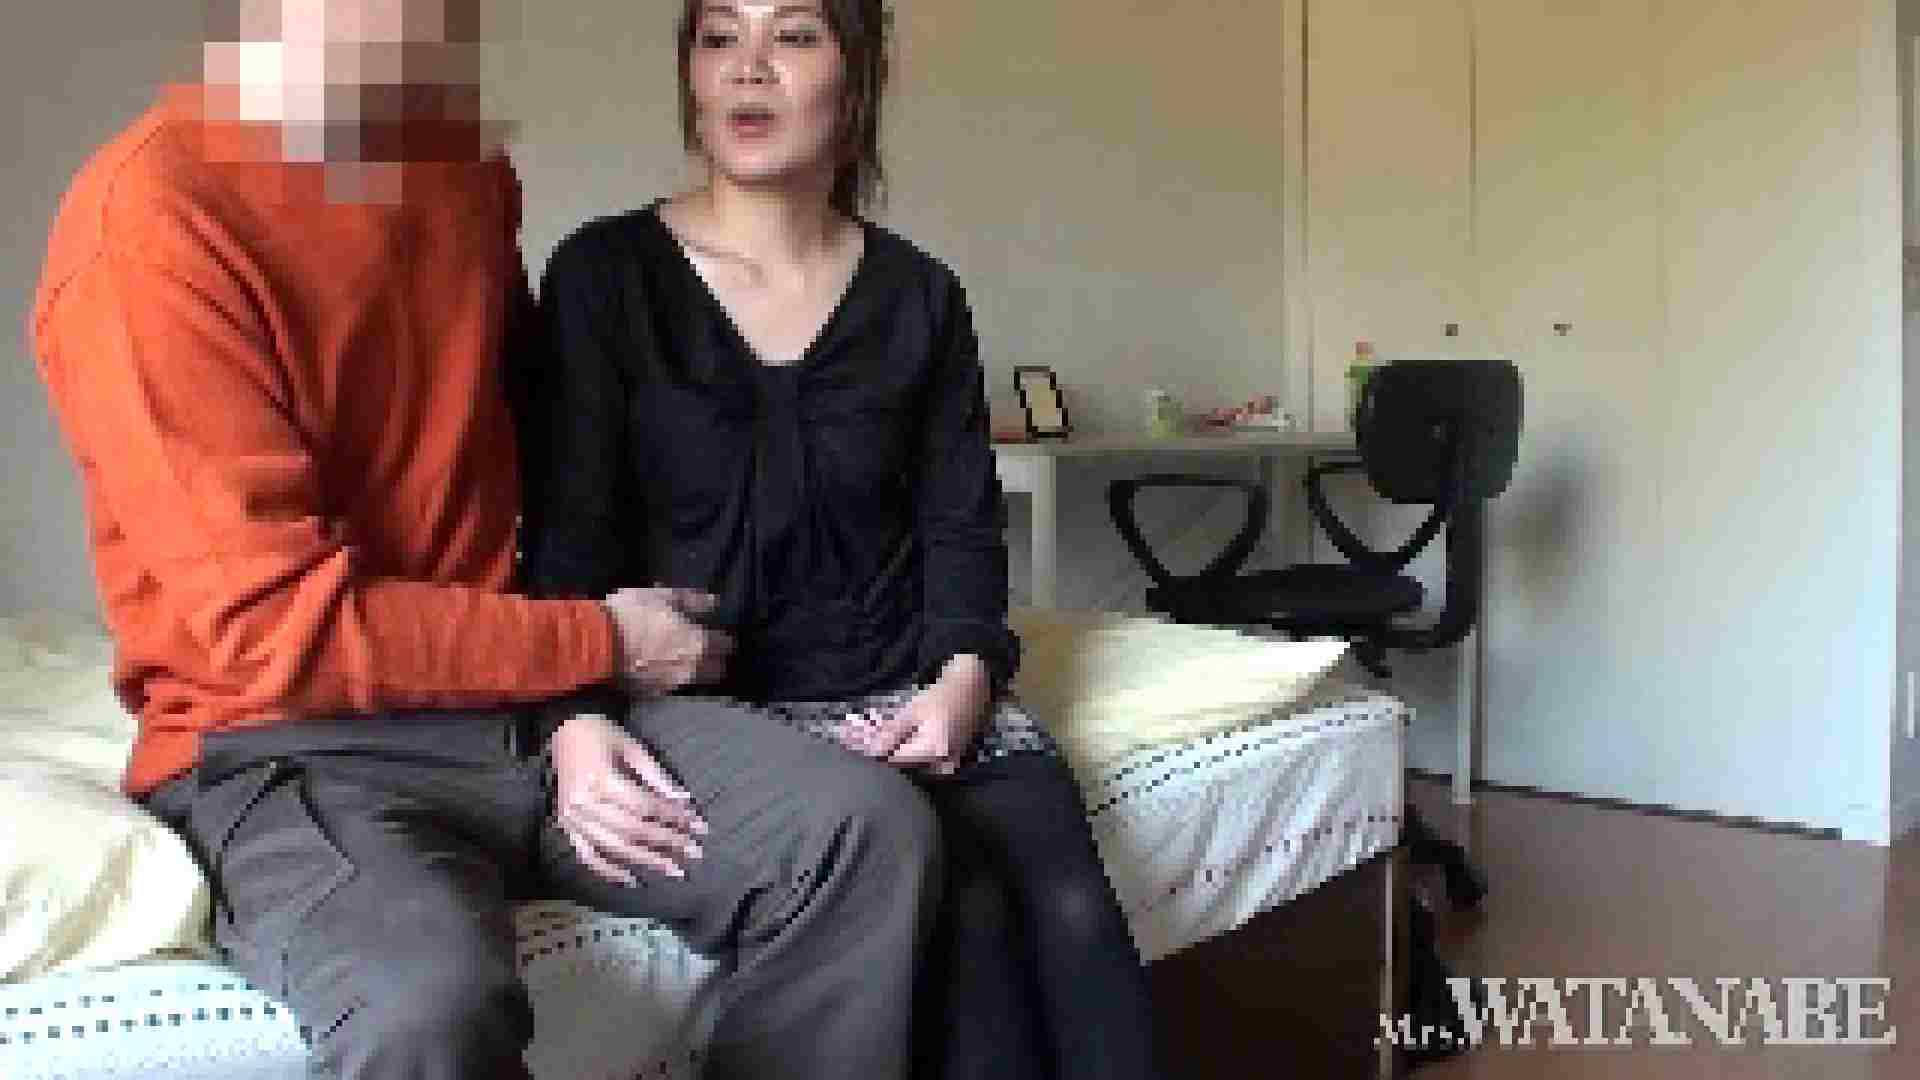 SNSで出会った人妻をハメ撮りしちゃいます 2回目 前編 オナニー集 | エッチな人妻  77pic 49